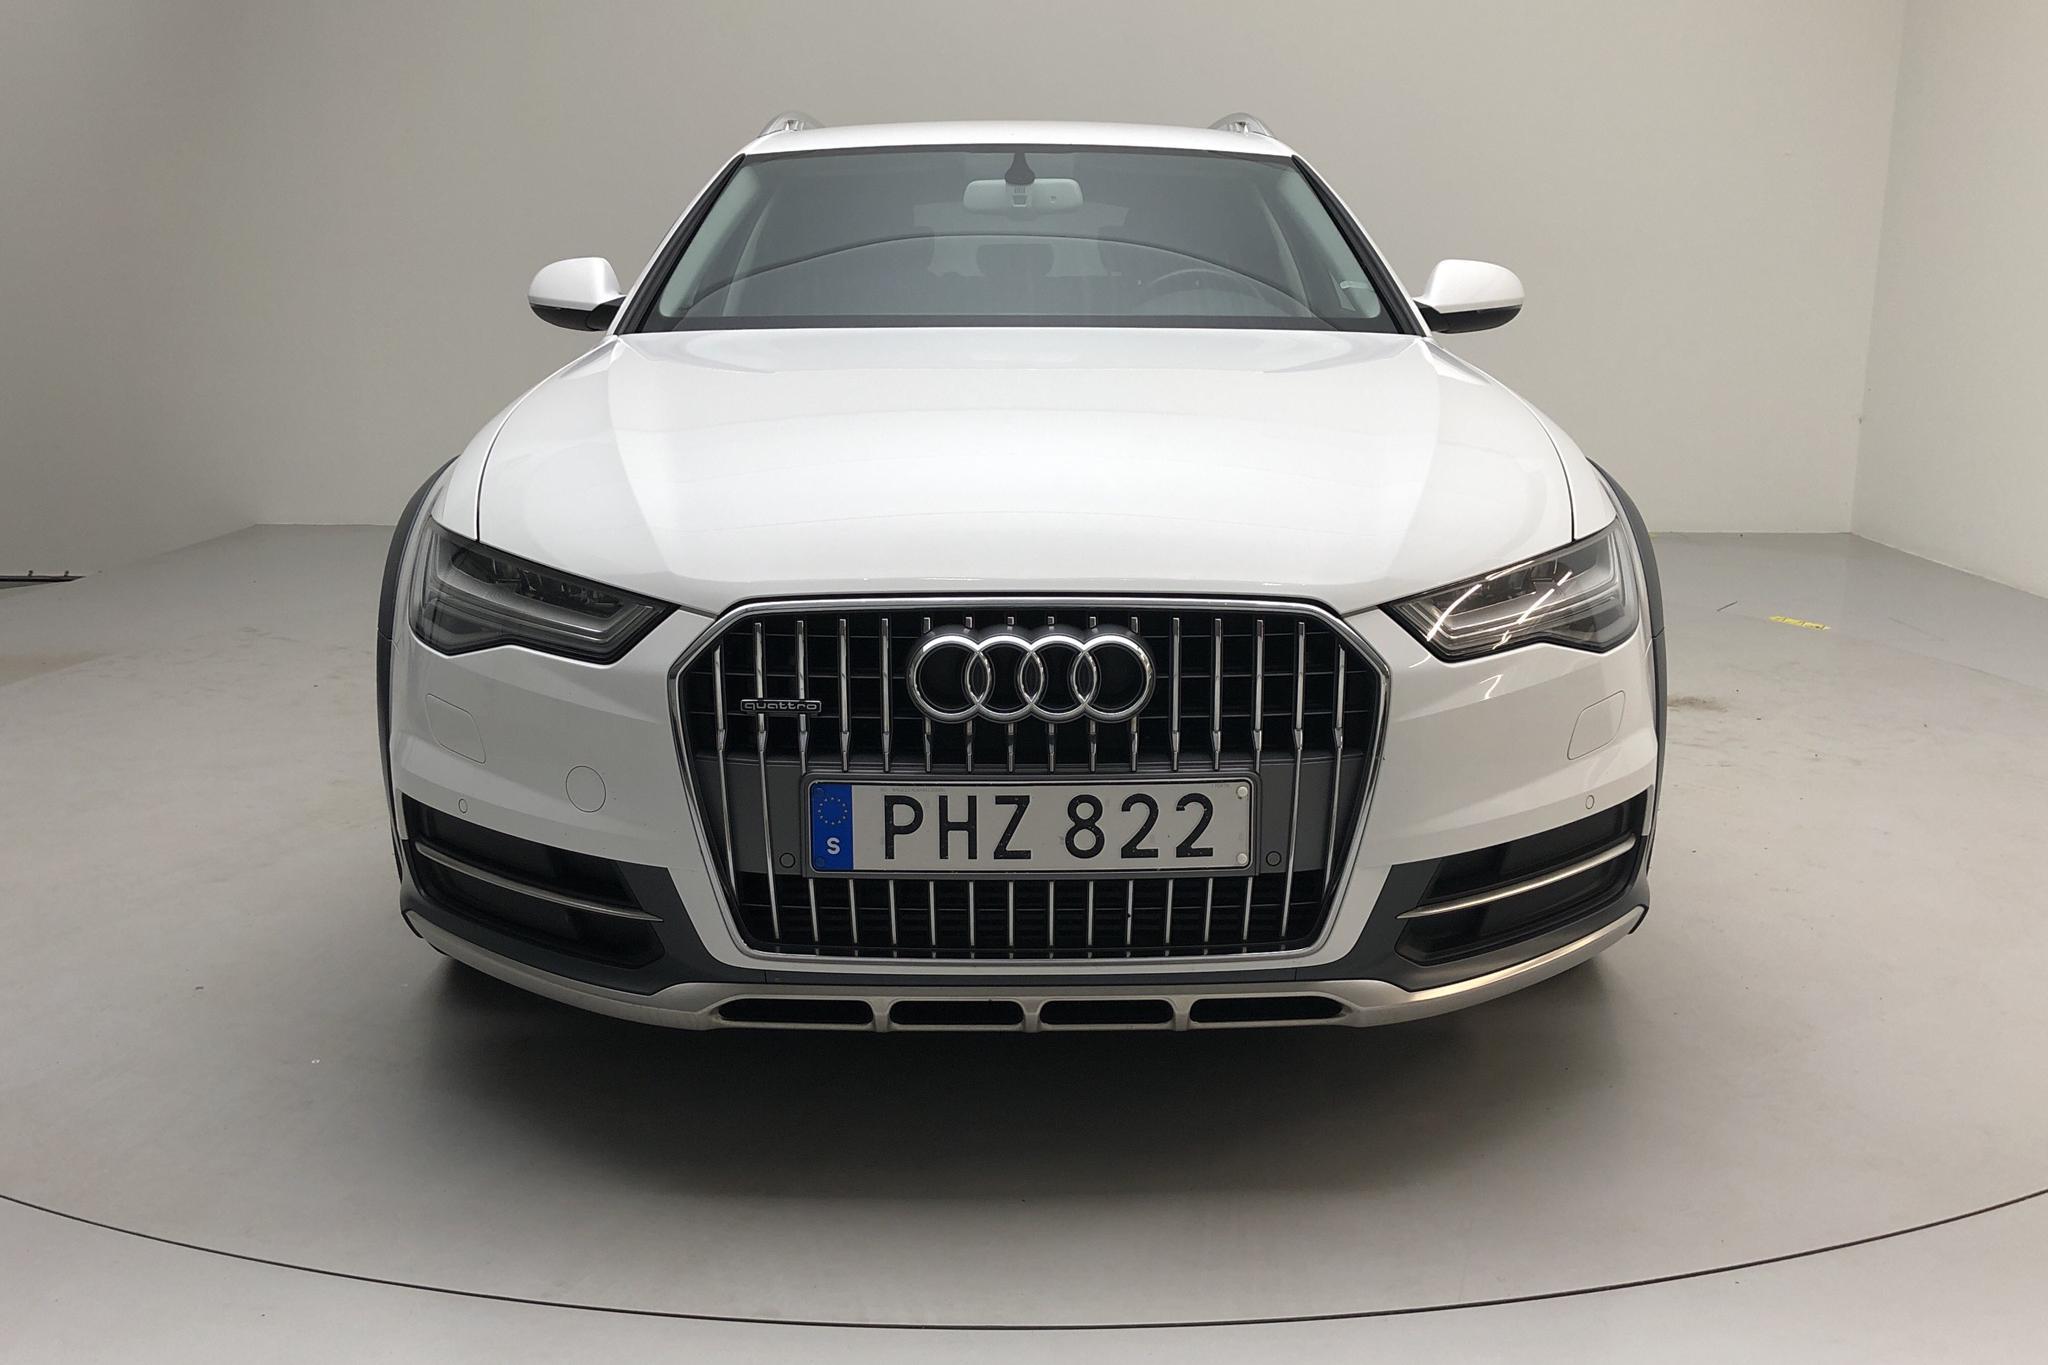 Audi A6 Allroad 3.0 TDI quattro (218hk) - 12 645 mil - Automat - vit - 2017